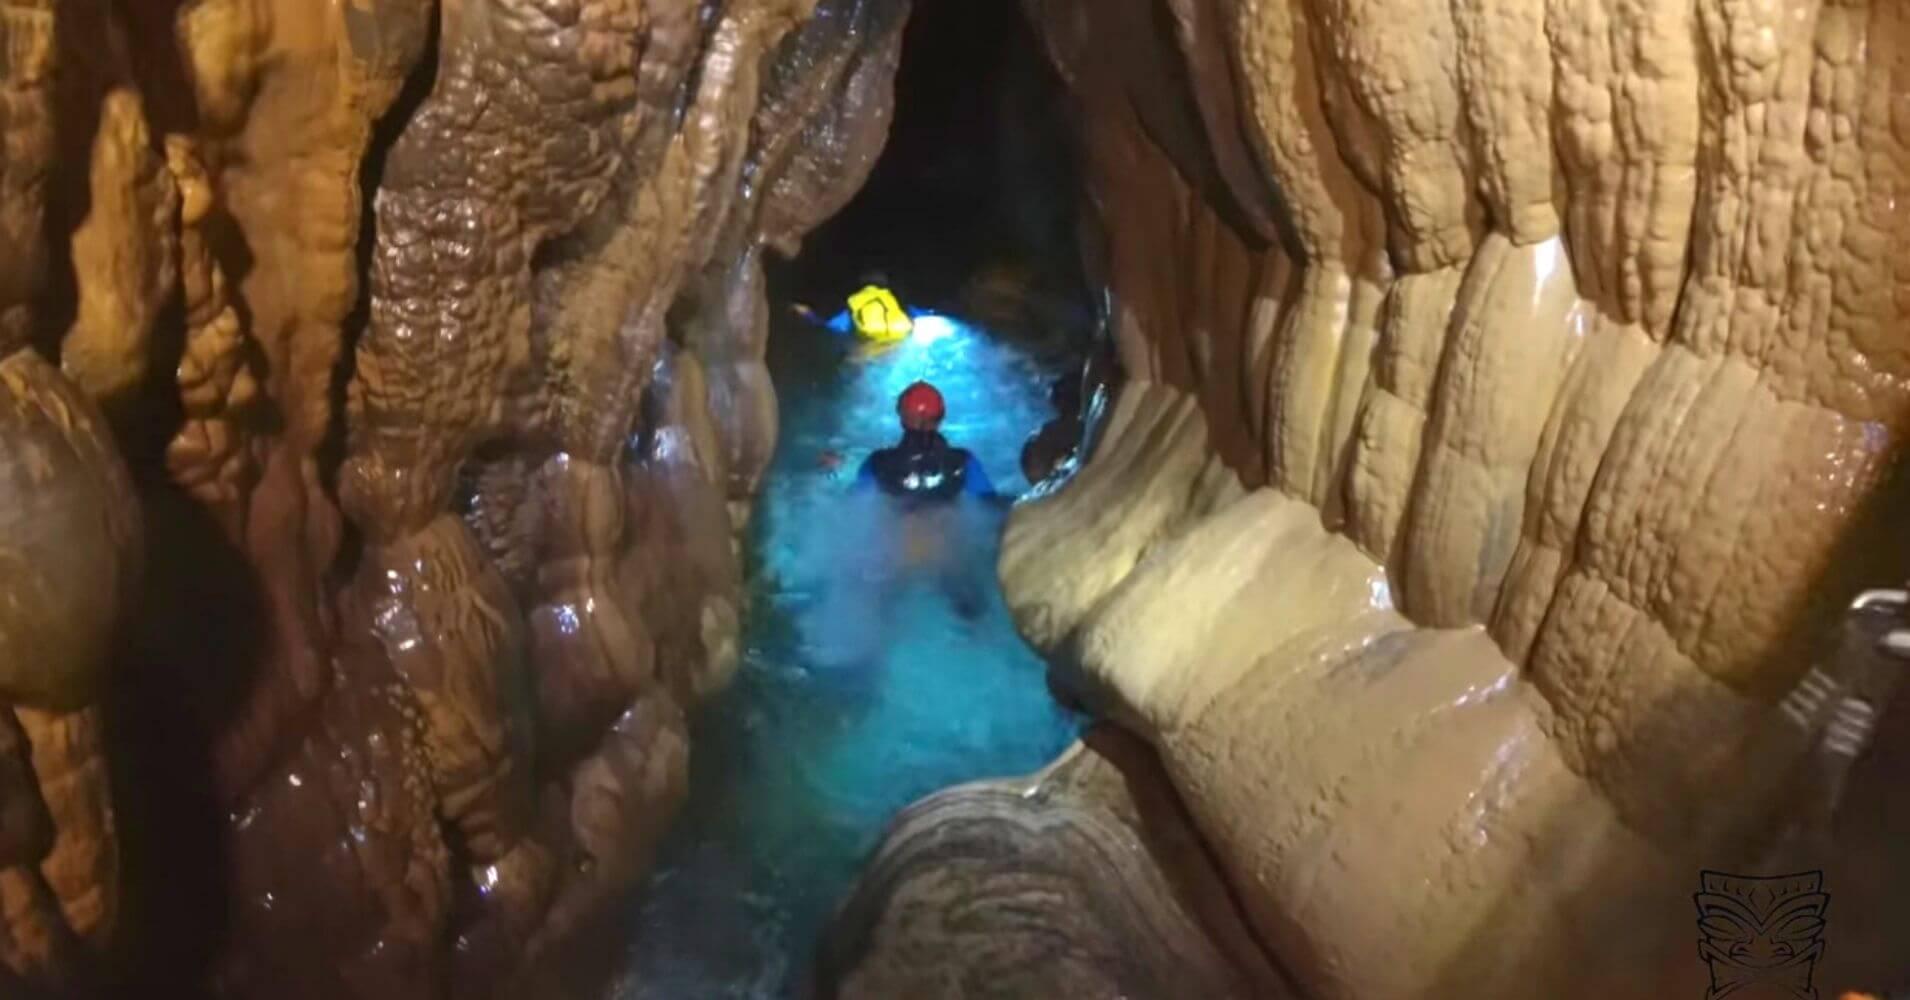 Espeleobarranquismo Cueva de Valporquero. Curso de Aguas, Vegacervera. León, Castilla y León.